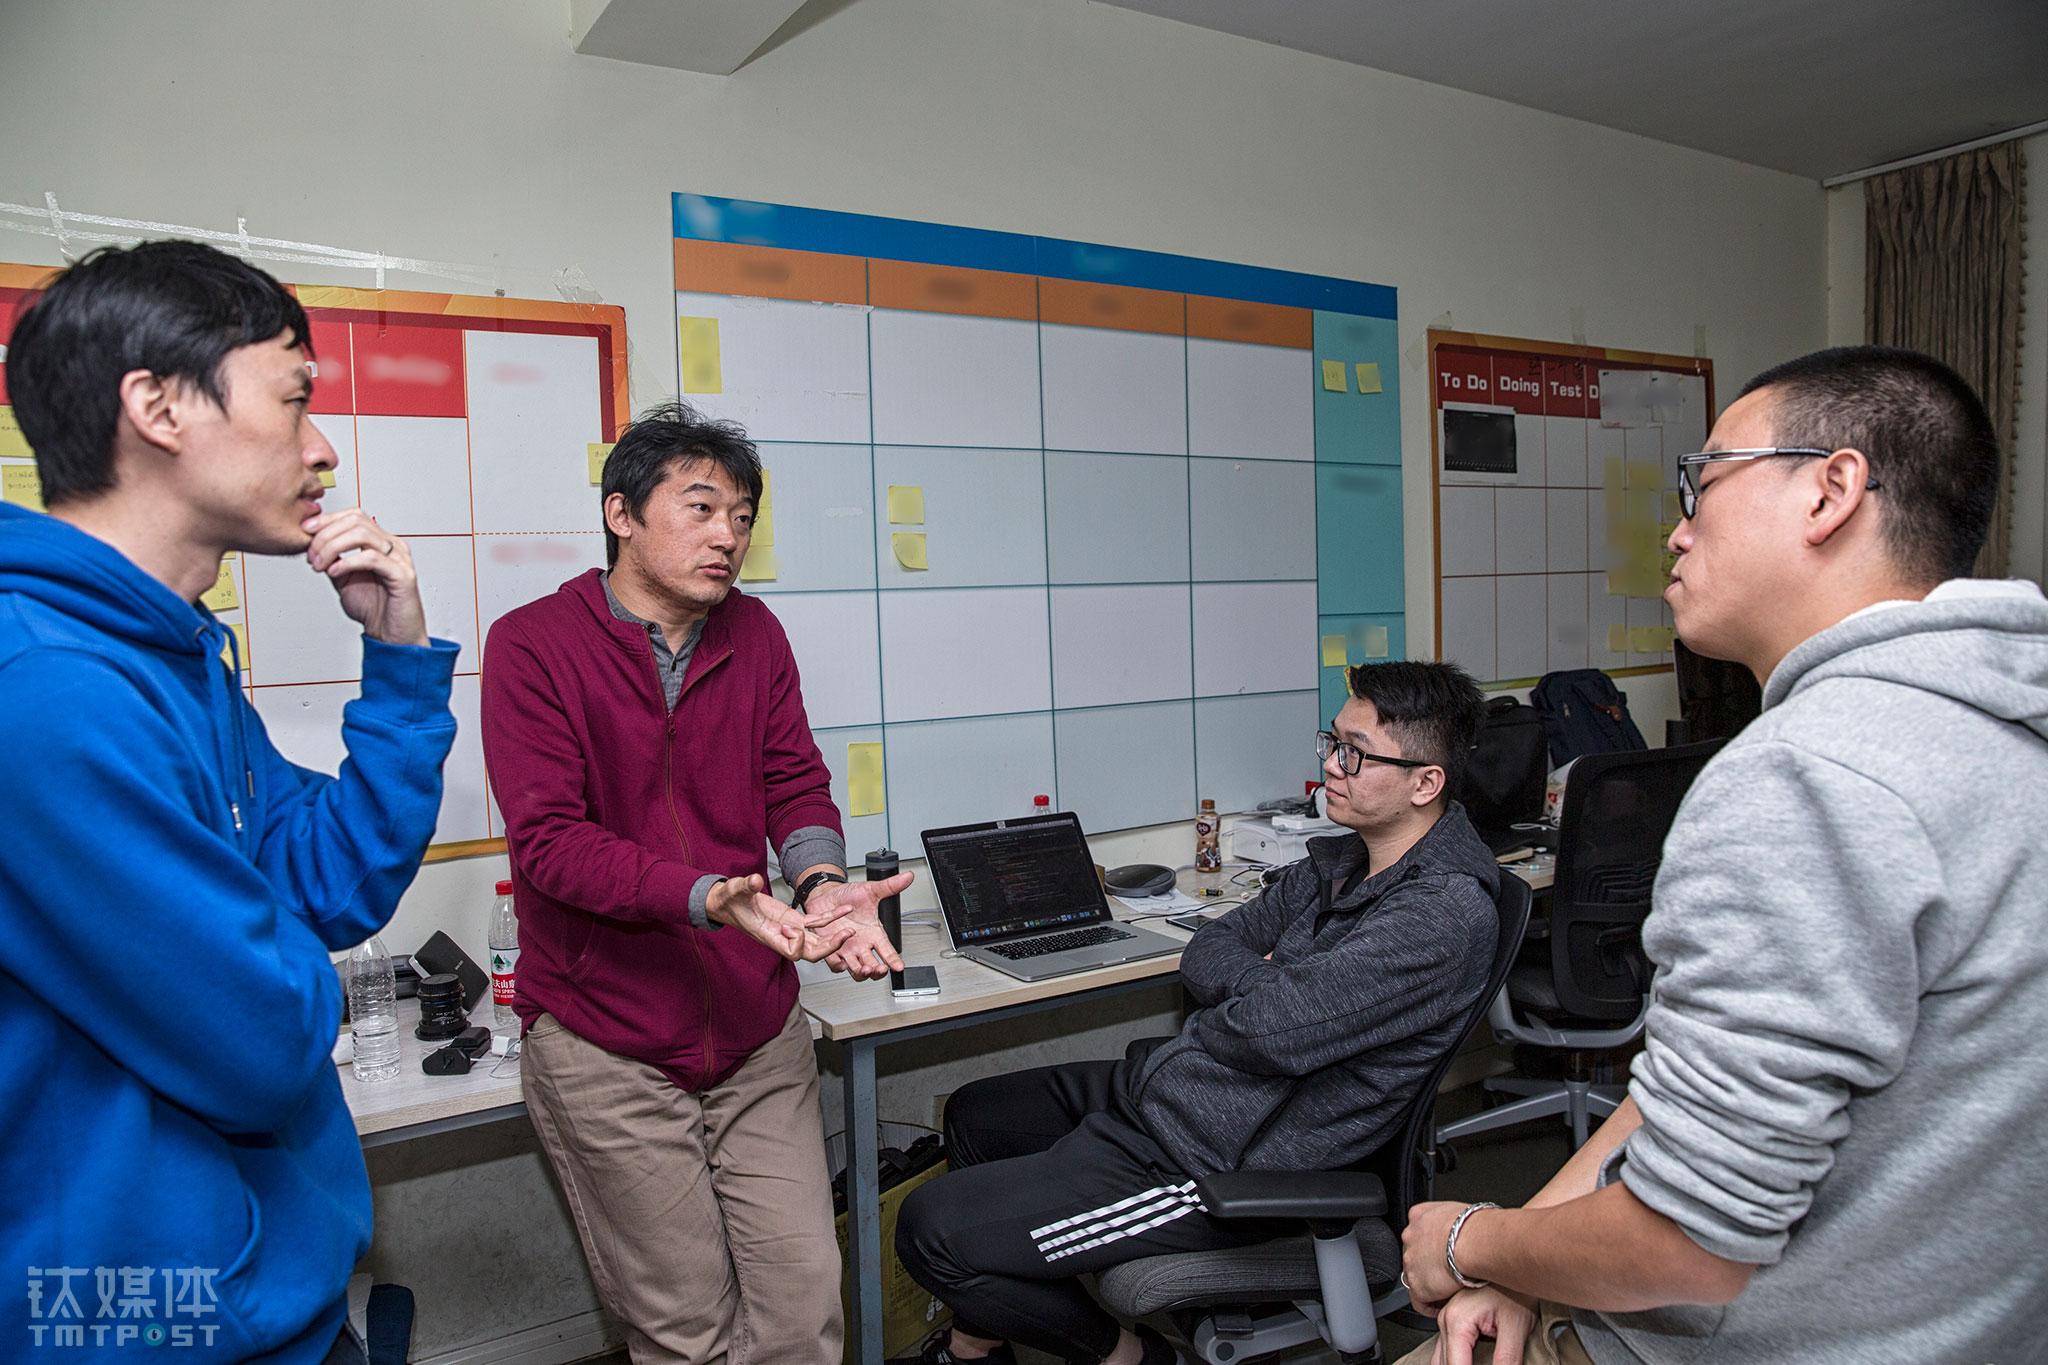 晚上11点半,服务端开发子商(左二)下班回家,在路上碰到的博葵和海俊,三人凑到一起,又聊到了钉钉智能前台更多的可能性,于是索性一起折返办公室,找到开发的同事龙翼讨论了起来。